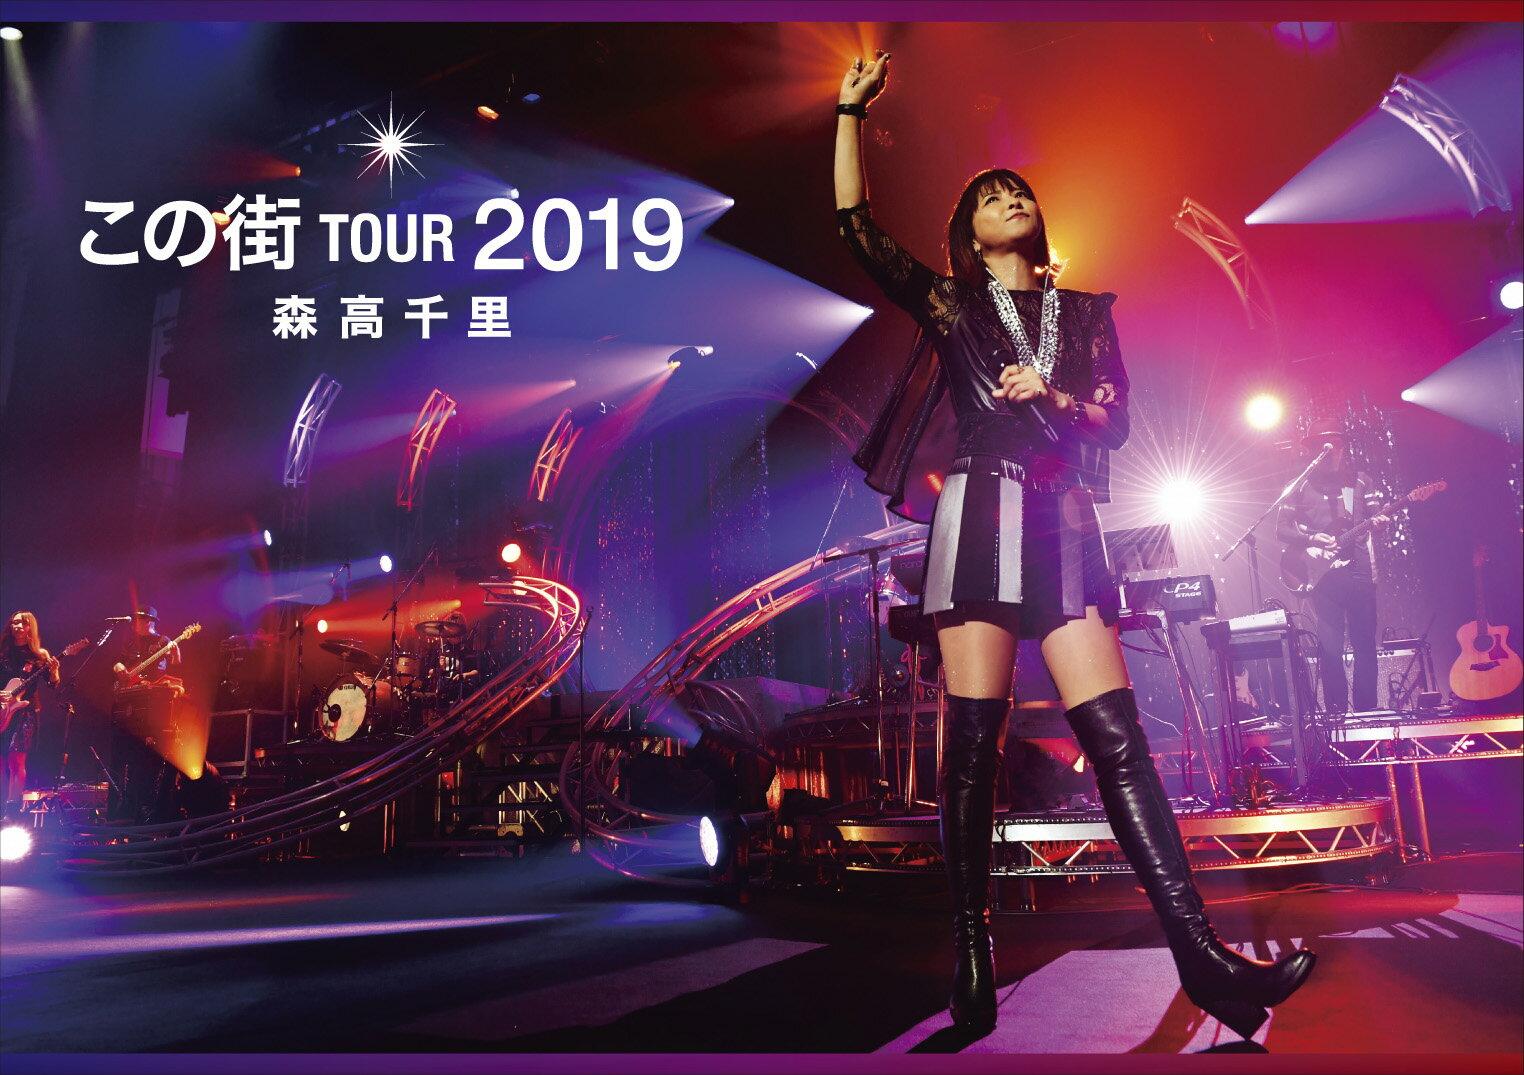 「この街」TOUR 2019(初回限定盤 3DVD+2CD+フォト・ブックレット)